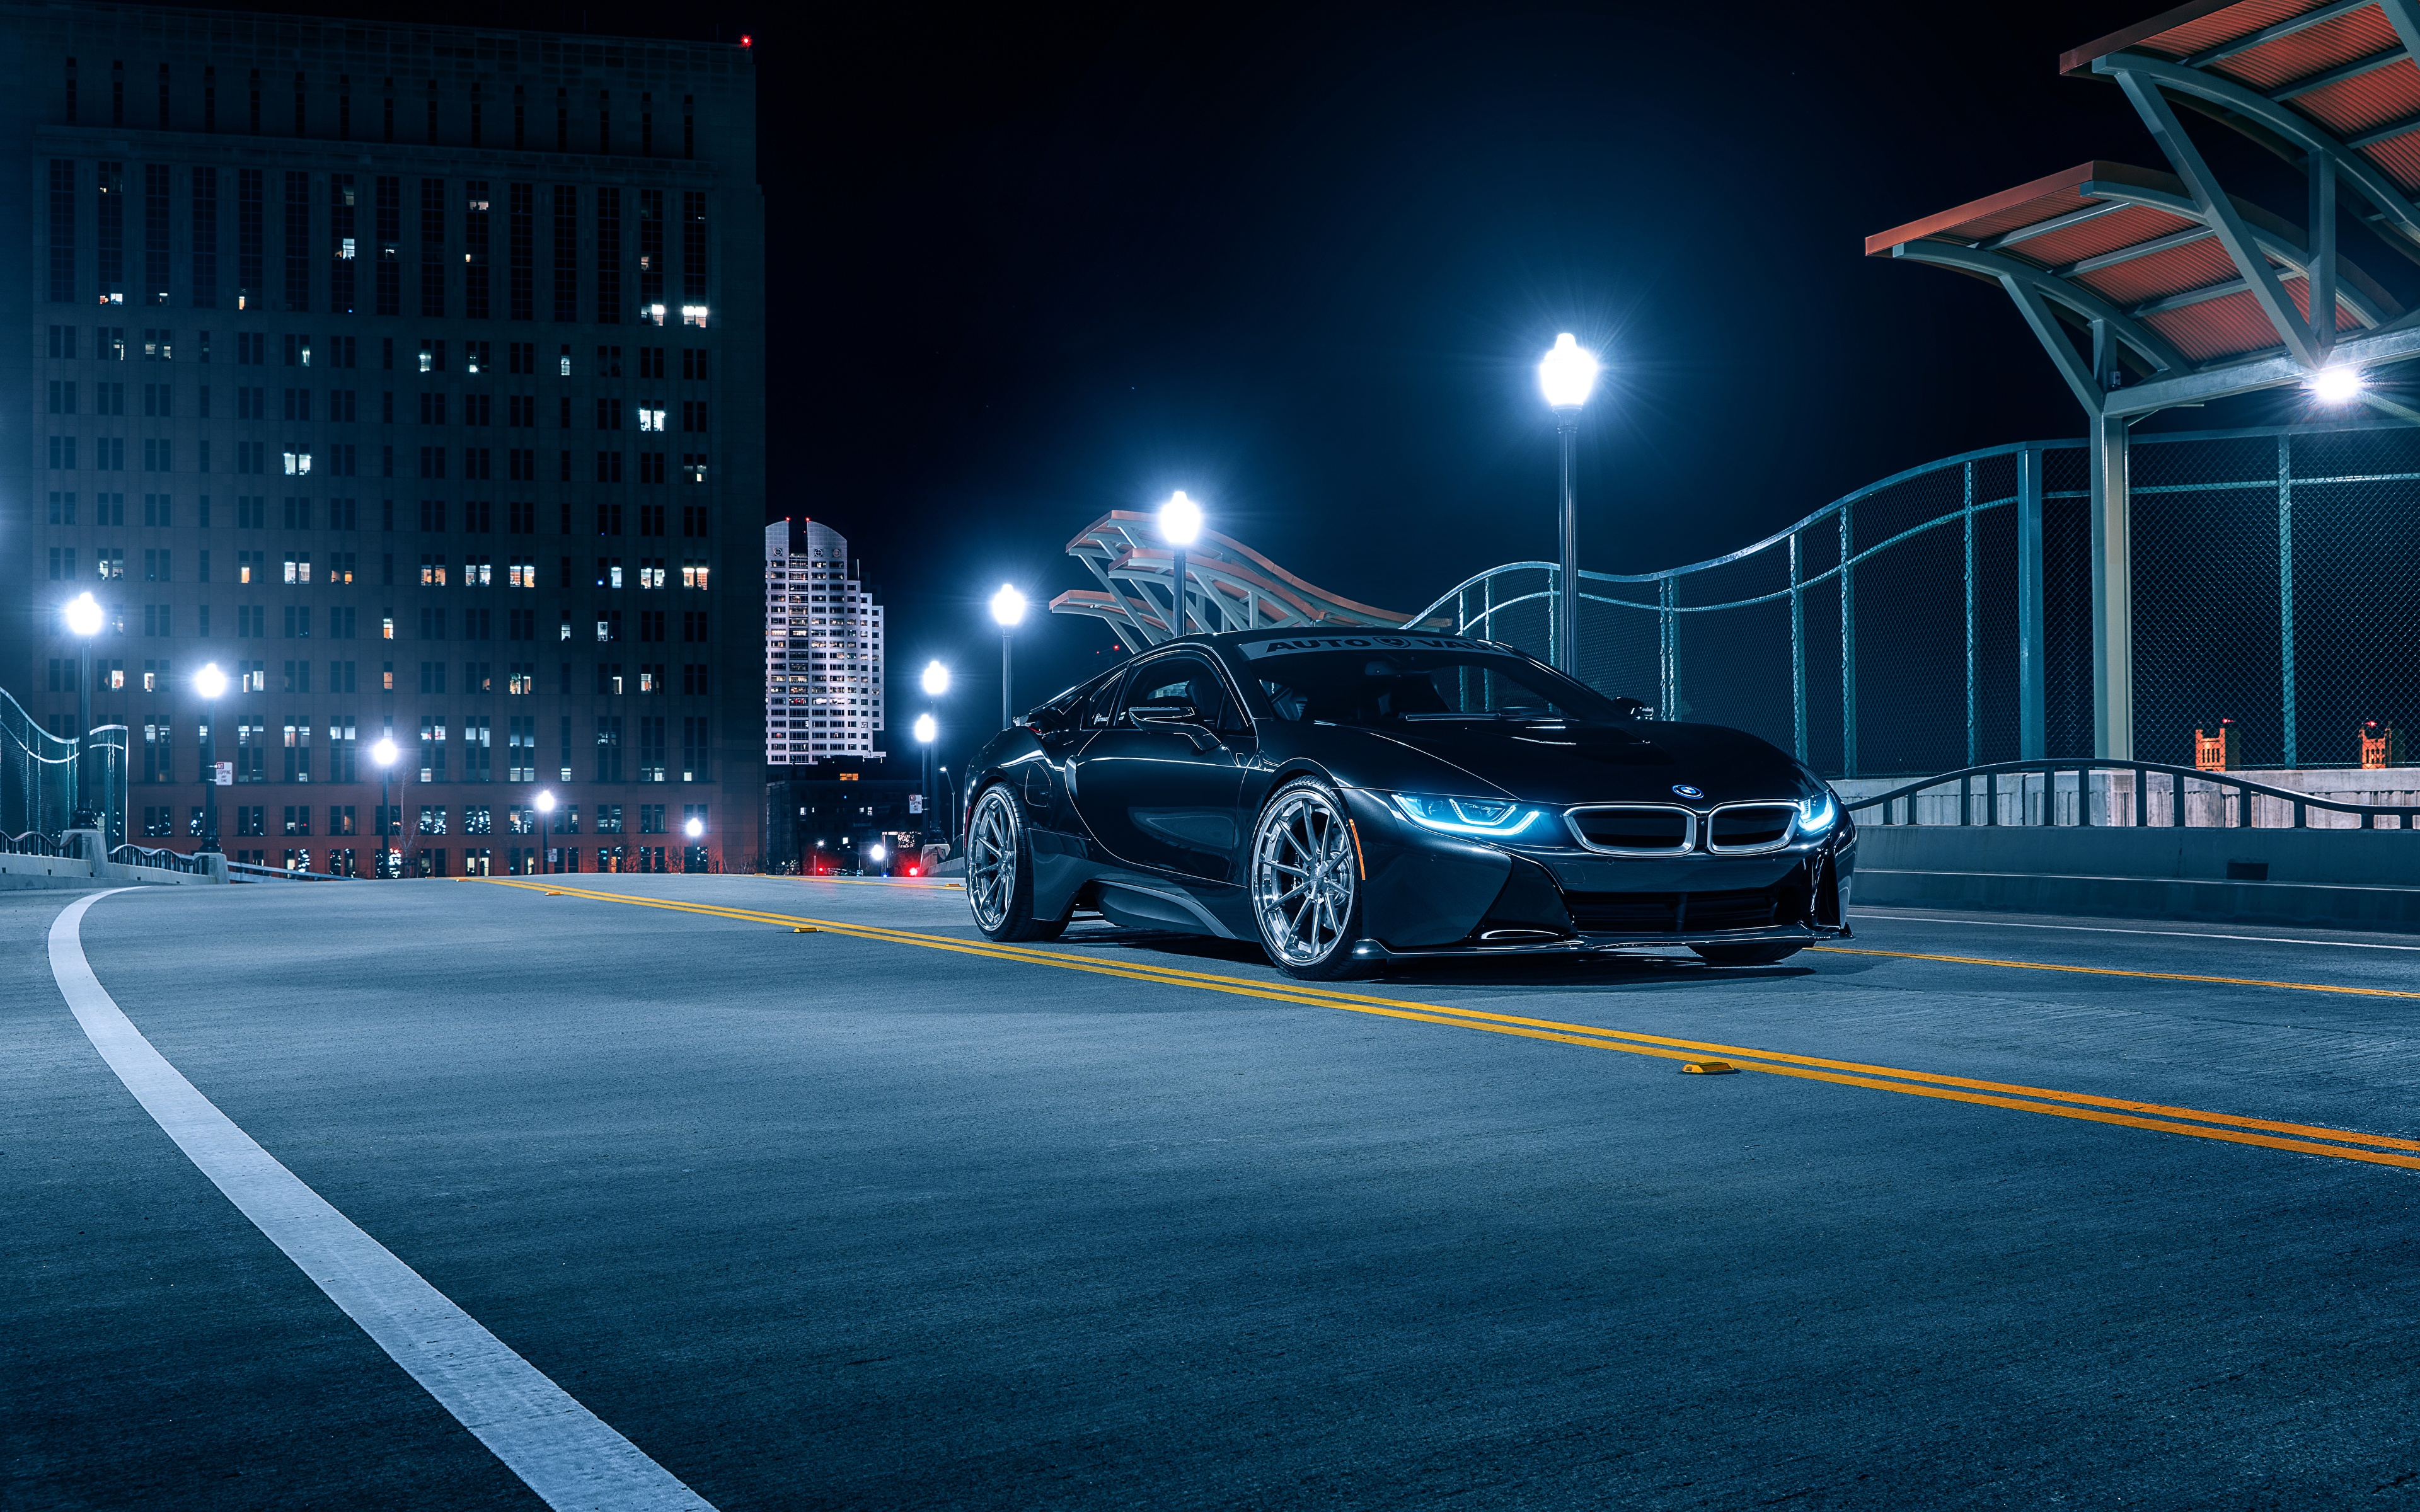 Обои для рабочего стола BMW Aristo, i8 черная Ночь авто 3840x2400 БМВ Черный черные черных ночью в ночи Ночные машины машина Автомобили автомобиль